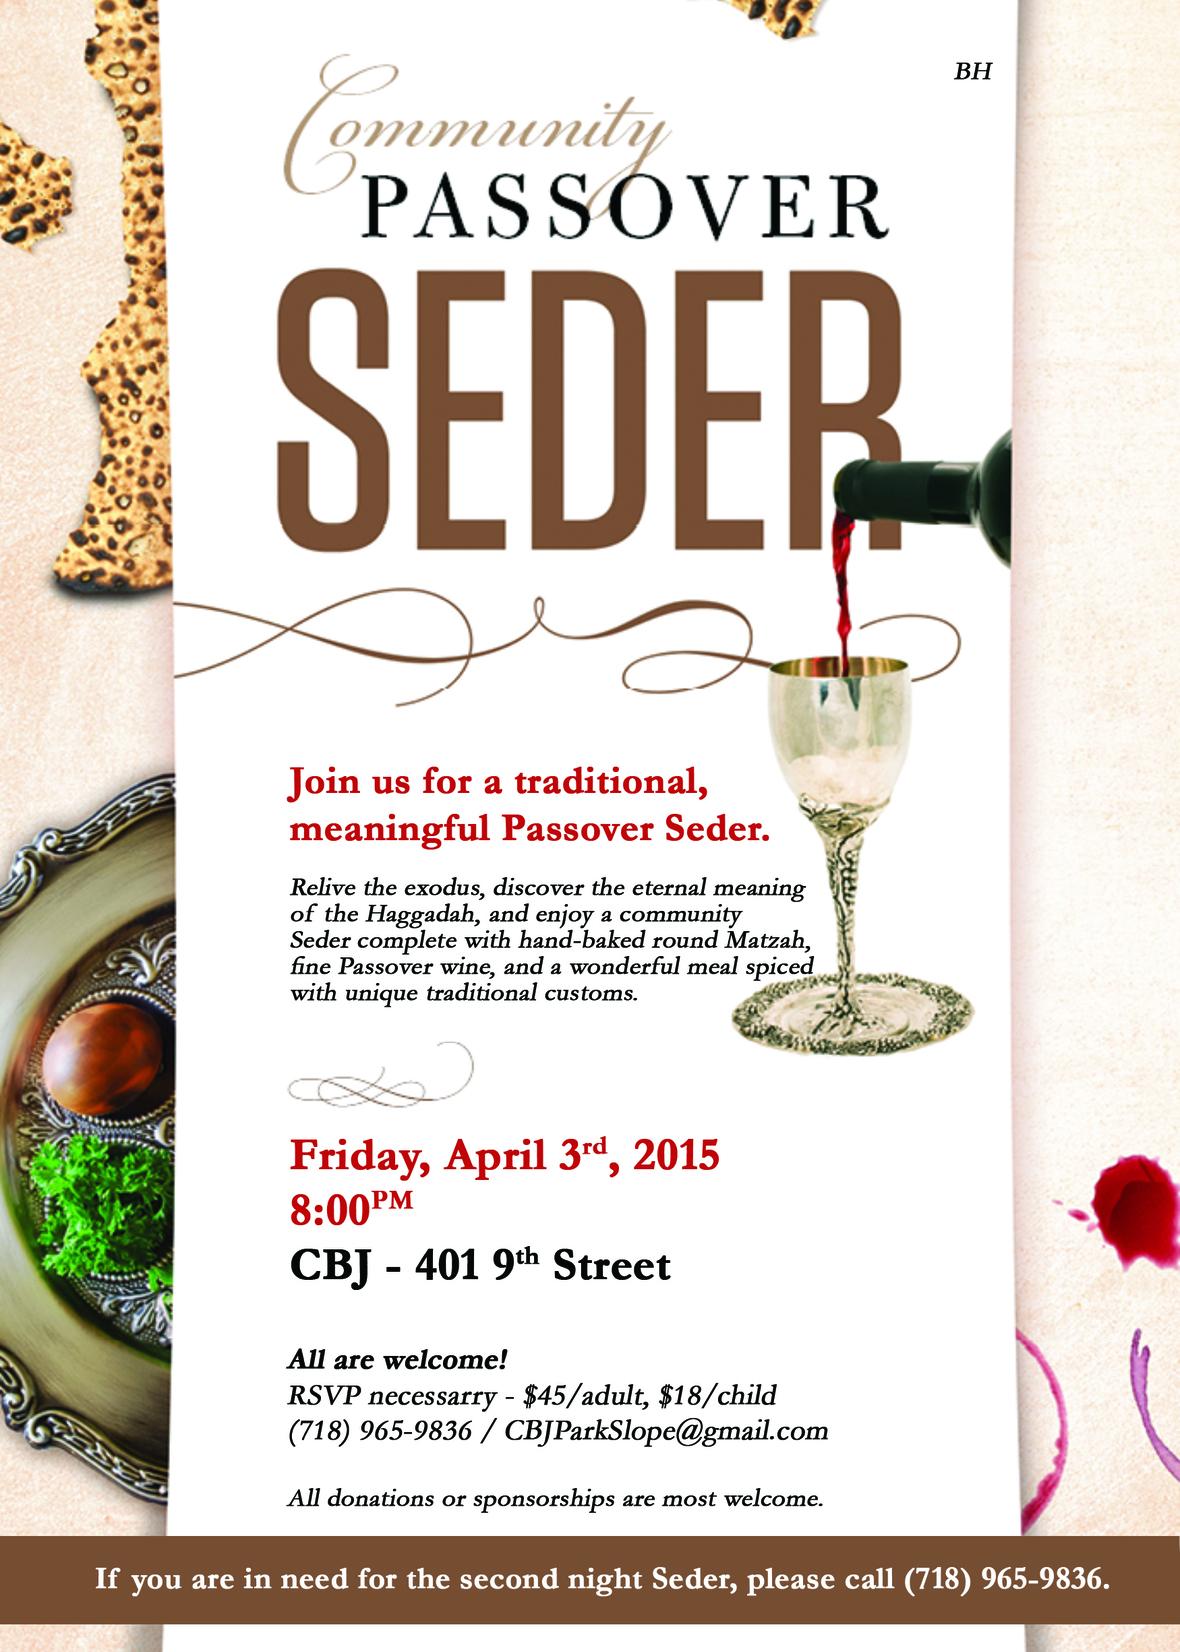 Park Slope Seder 2015